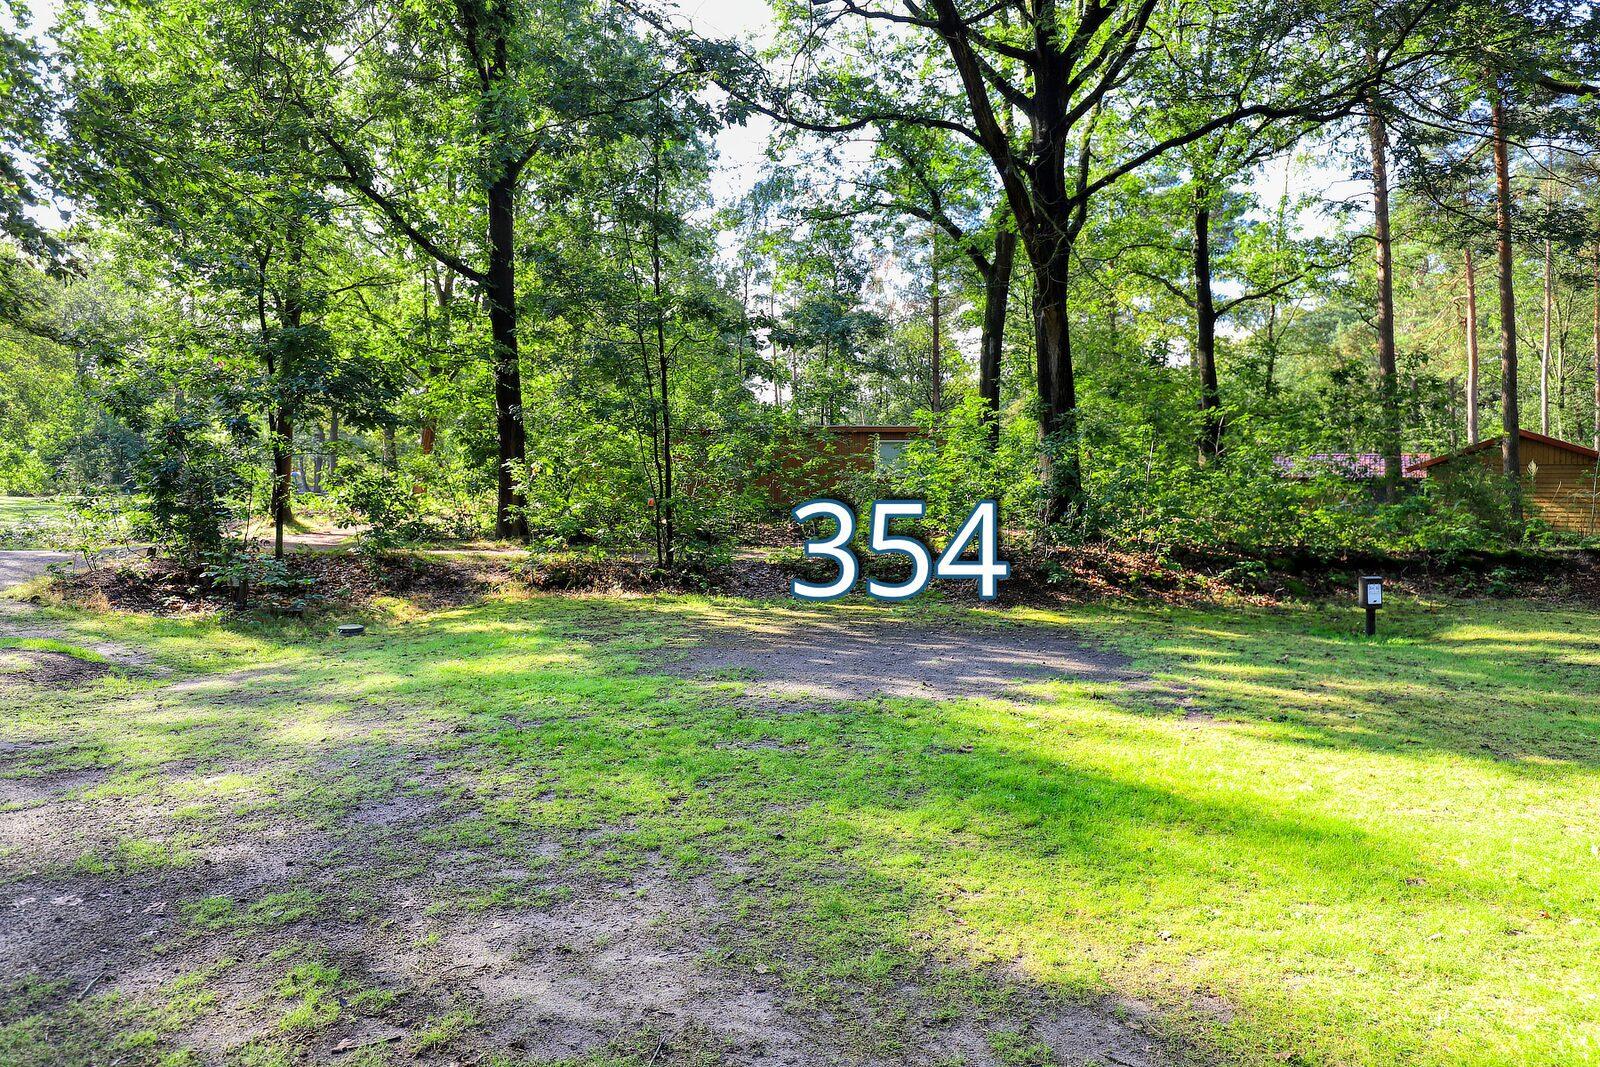 houtduif 354